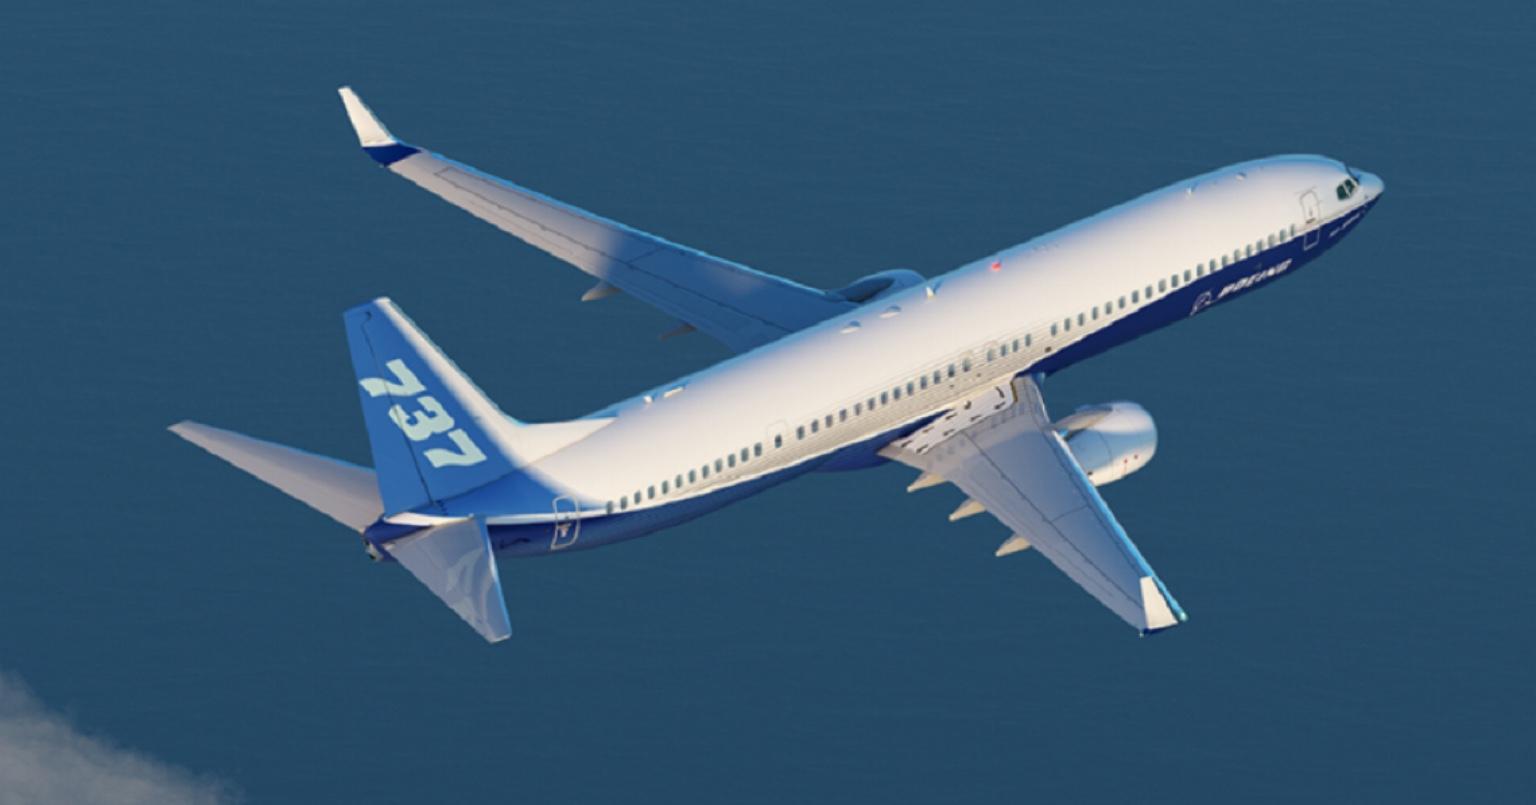 Boeing 737: Veja a evolução do modelo, de 1967 ao retorno do Max